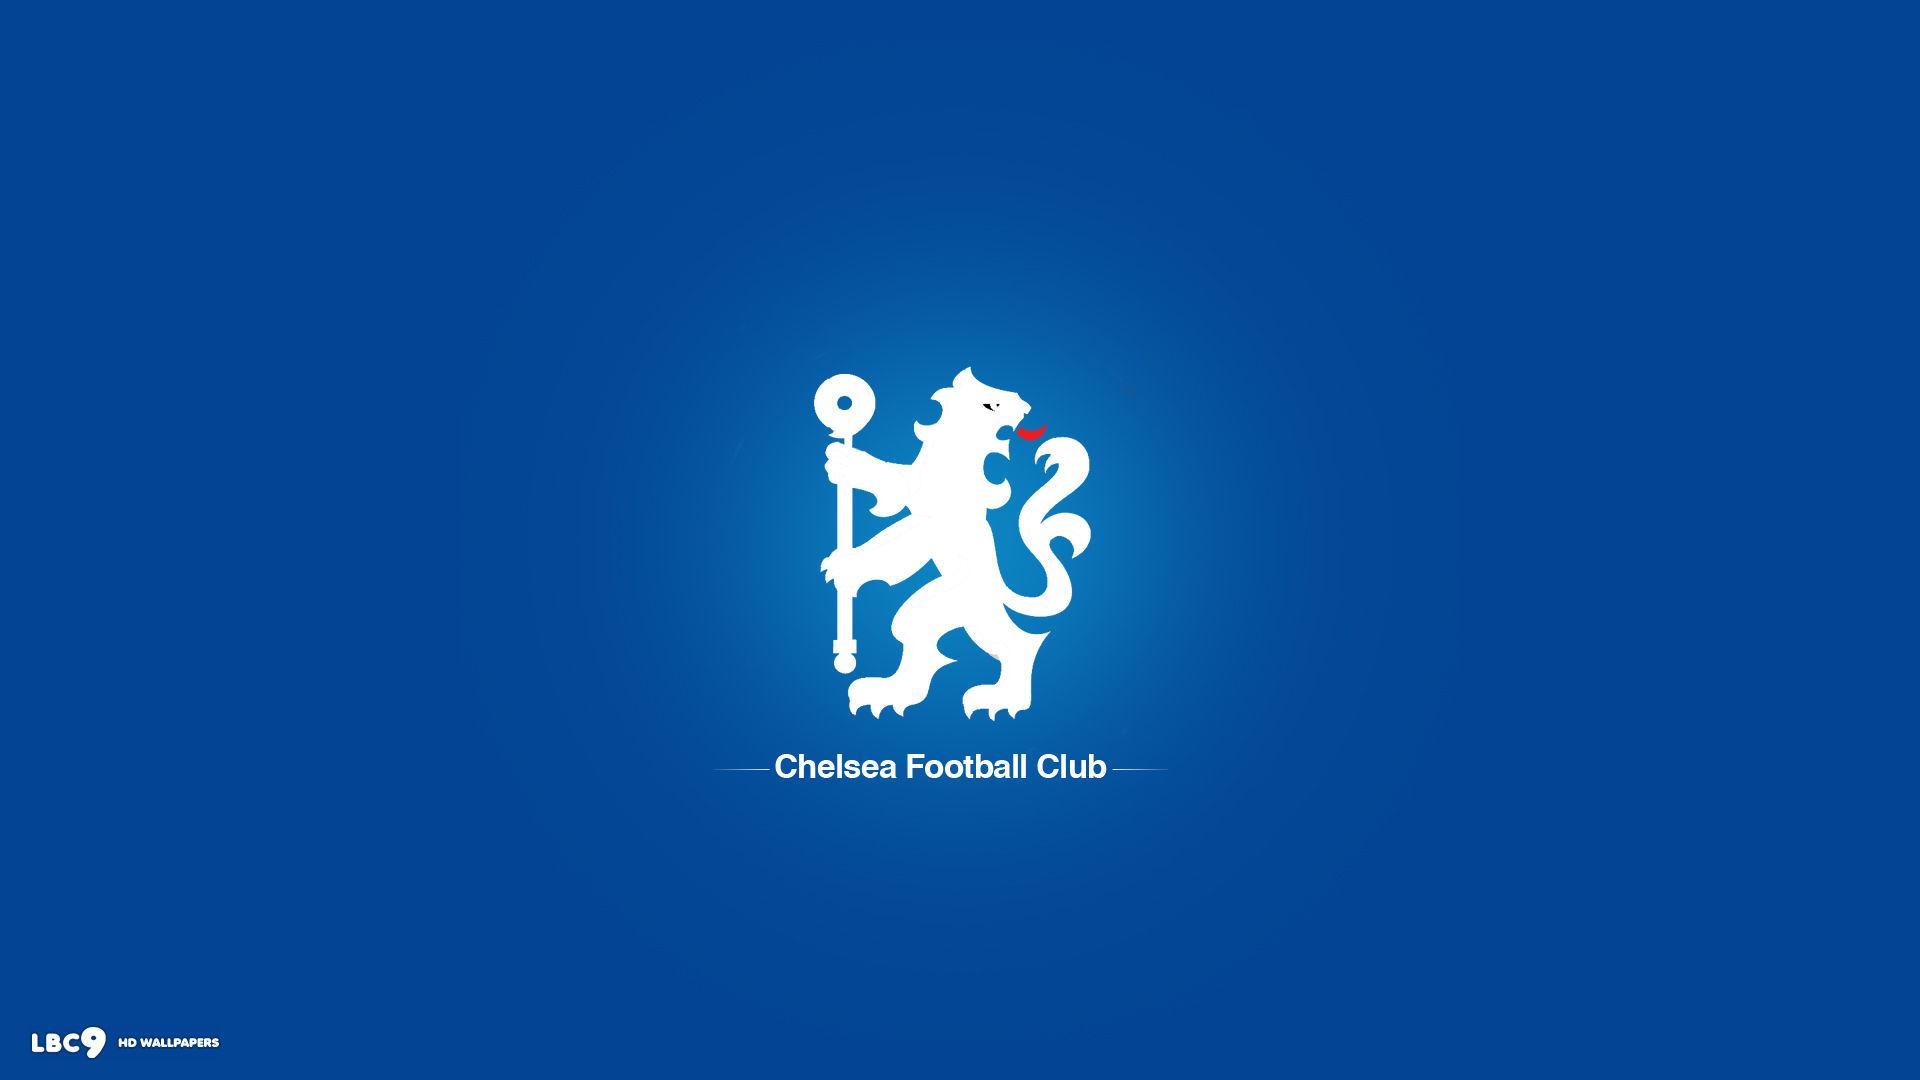 Fonds dcran Chelsea Fc tous les wallpapers Chelsea Fc 1920x1080